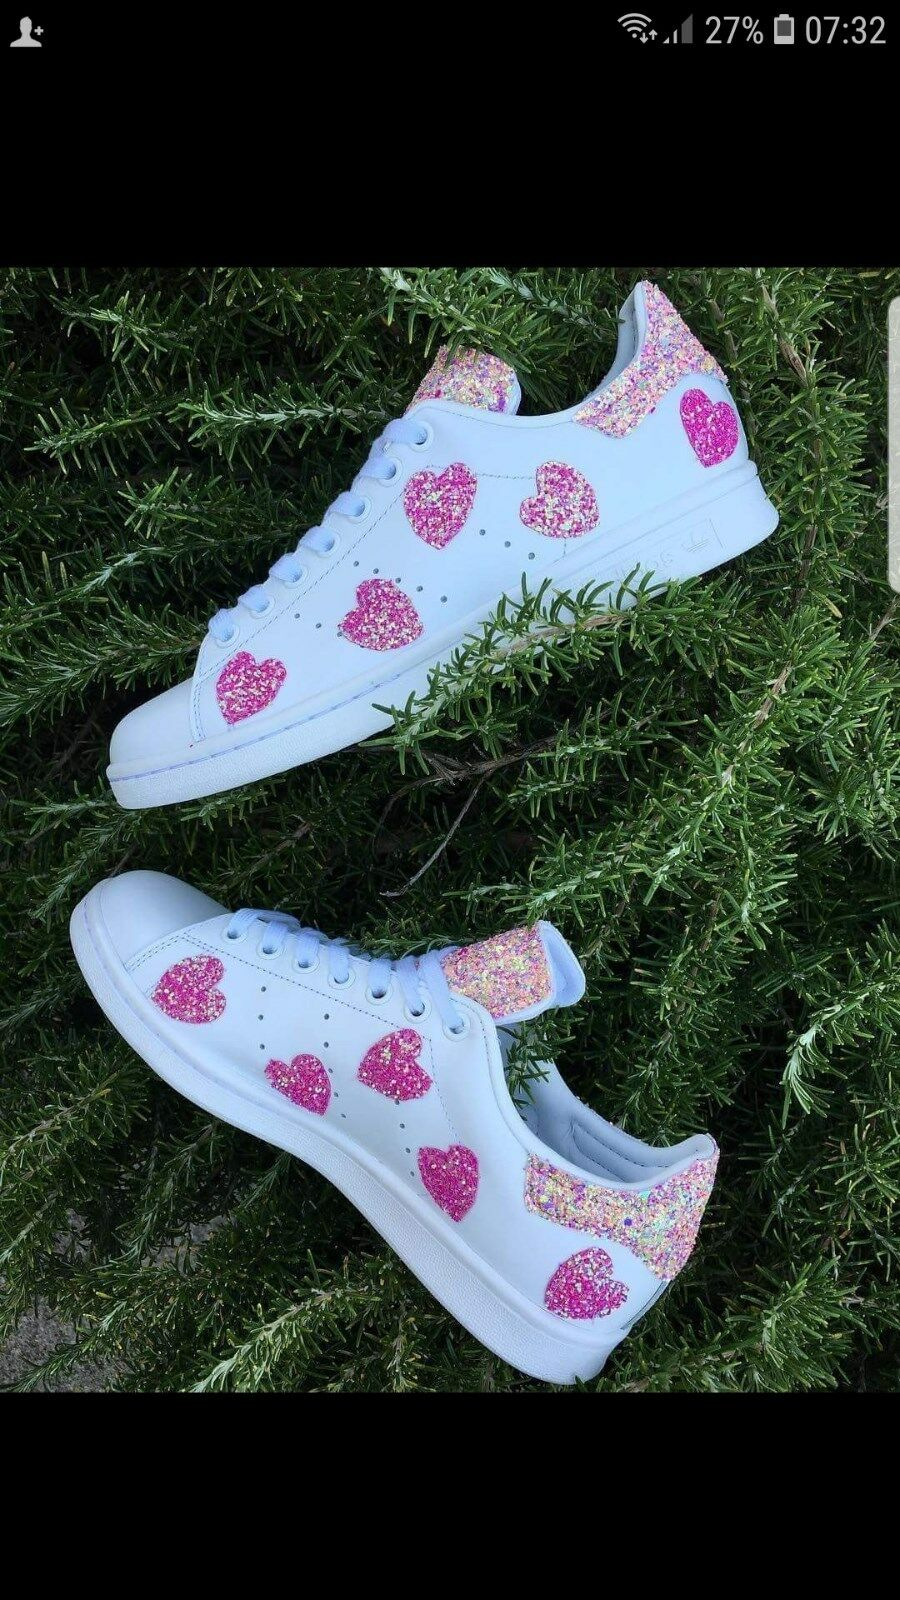 scarpe adidas stan smith con glitter e cuori